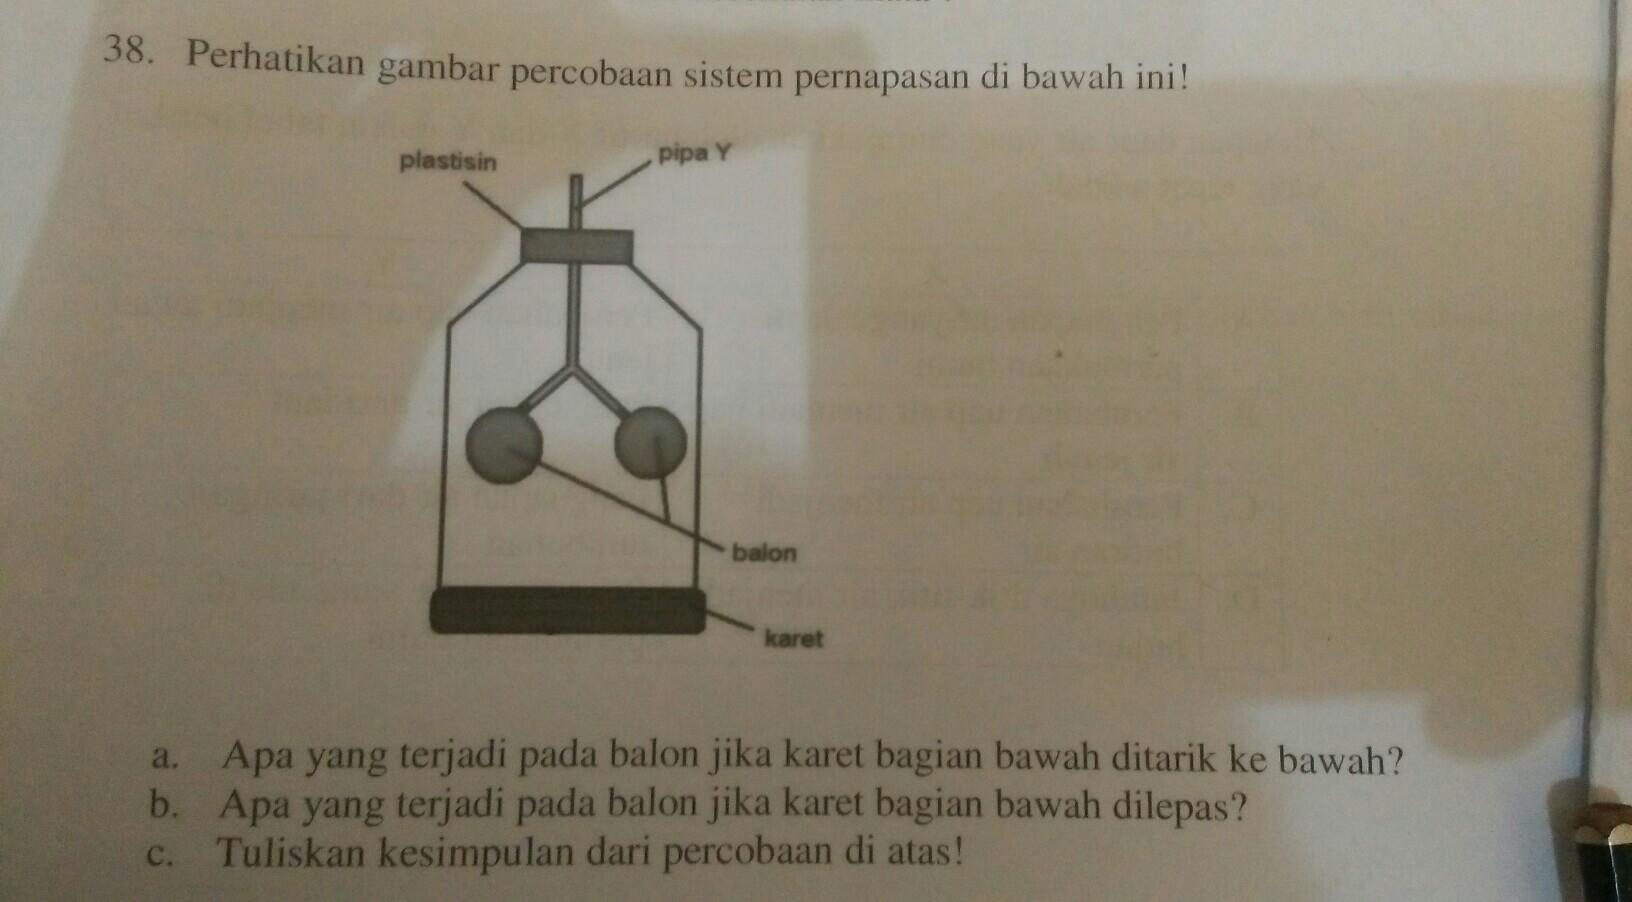 perhatikan gambar percobaan sistem pernapasan di atas ...